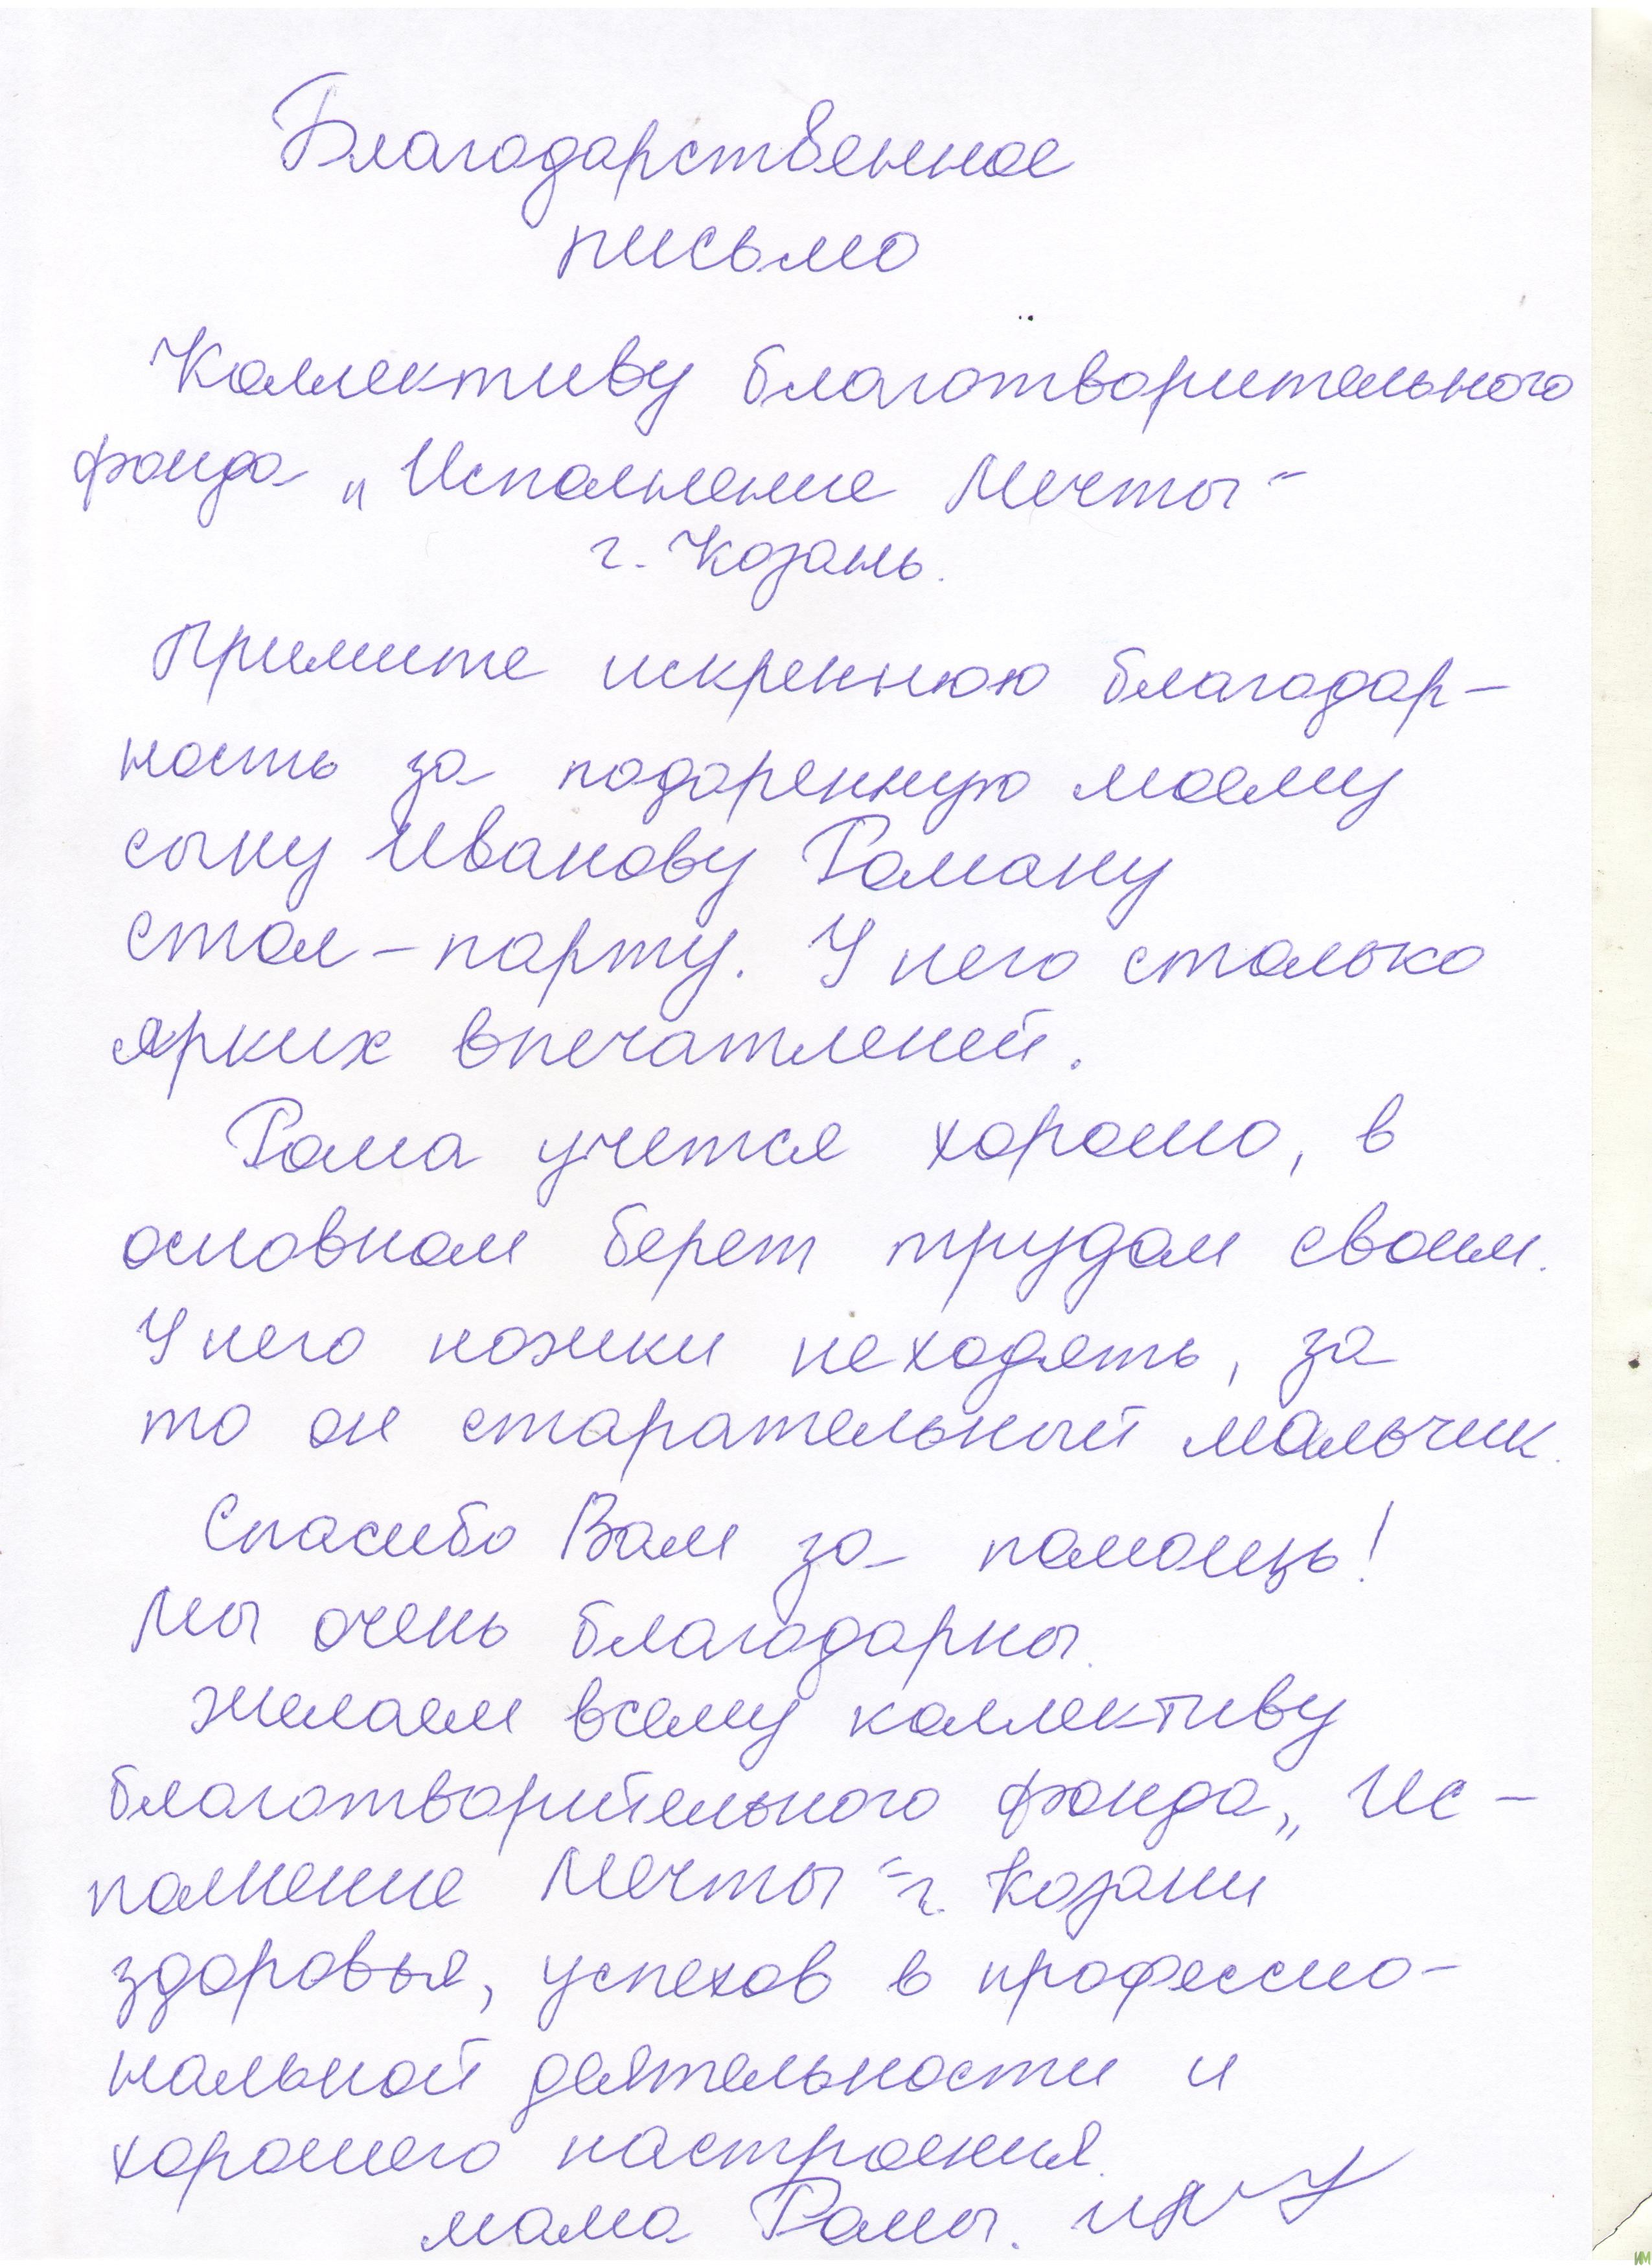 Благодарственное письмо от семьи Иванова Романа